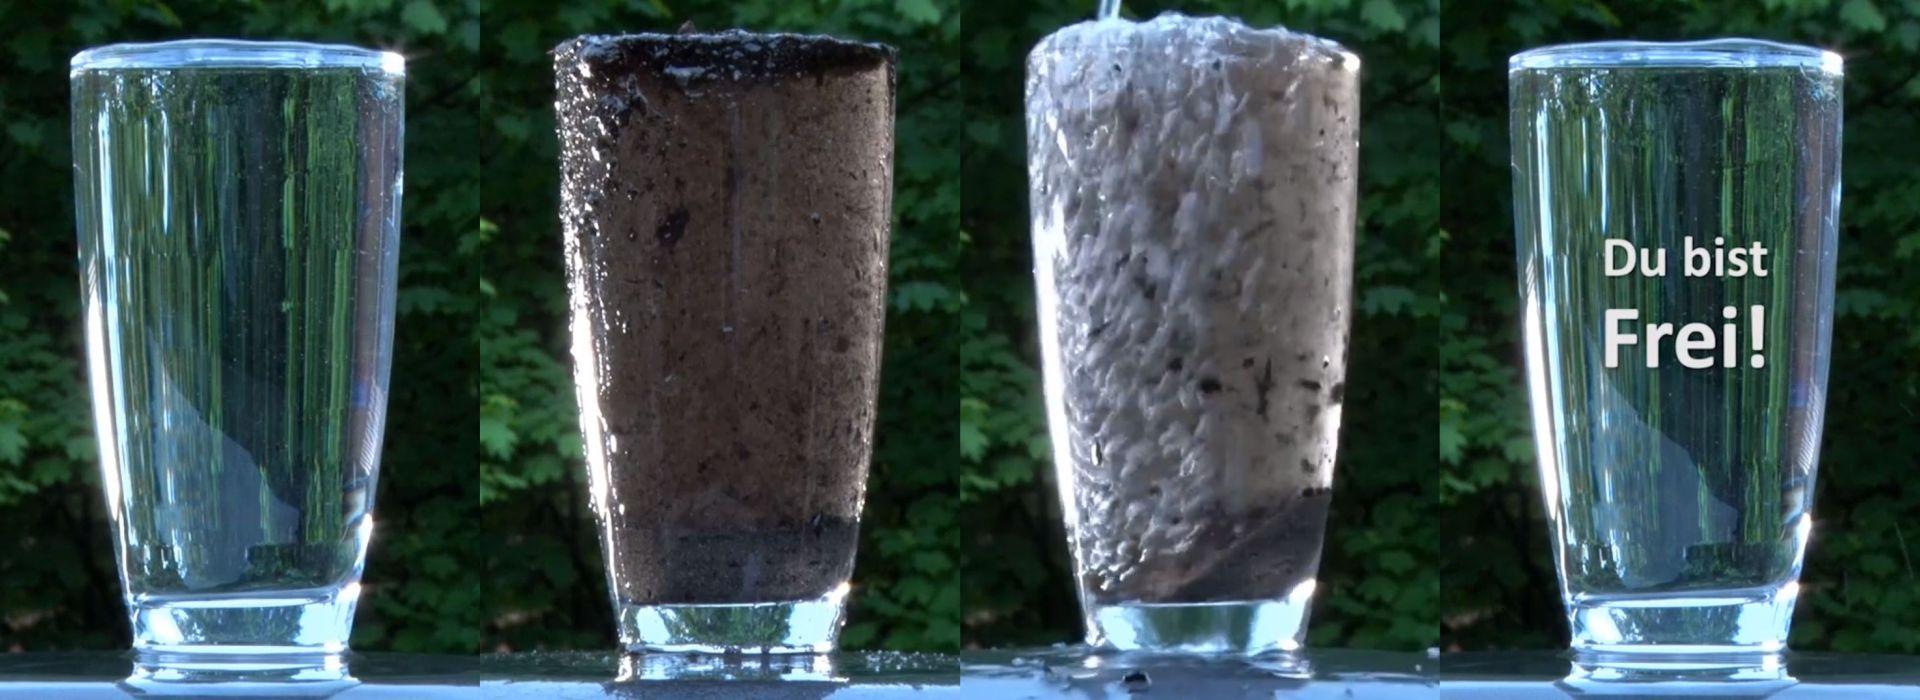 4 Wassergläser klar- verschmutzt - frei 1920x700